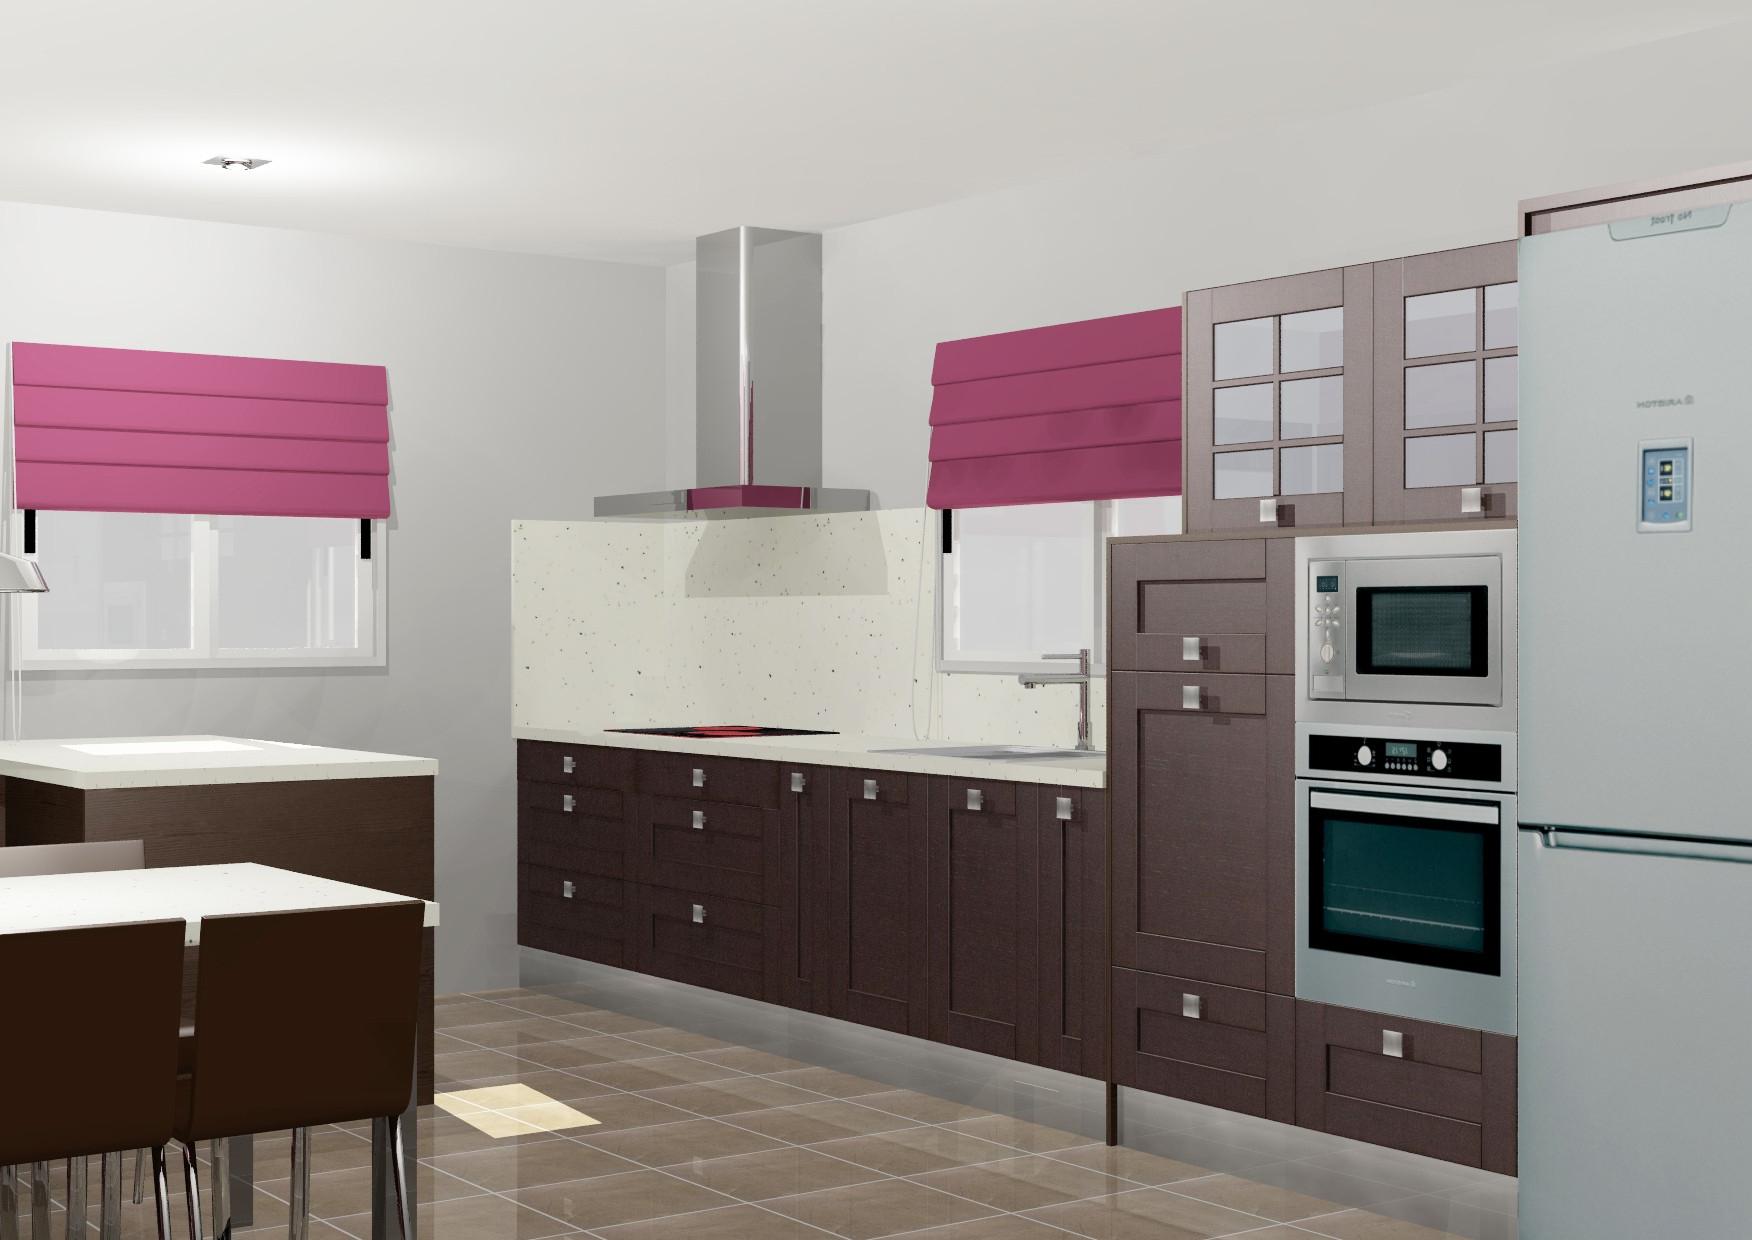 Muebles De Cocina Online Xtd6 Muebles De Cocina Baratos Online Prar Cocinas Online Sercosan